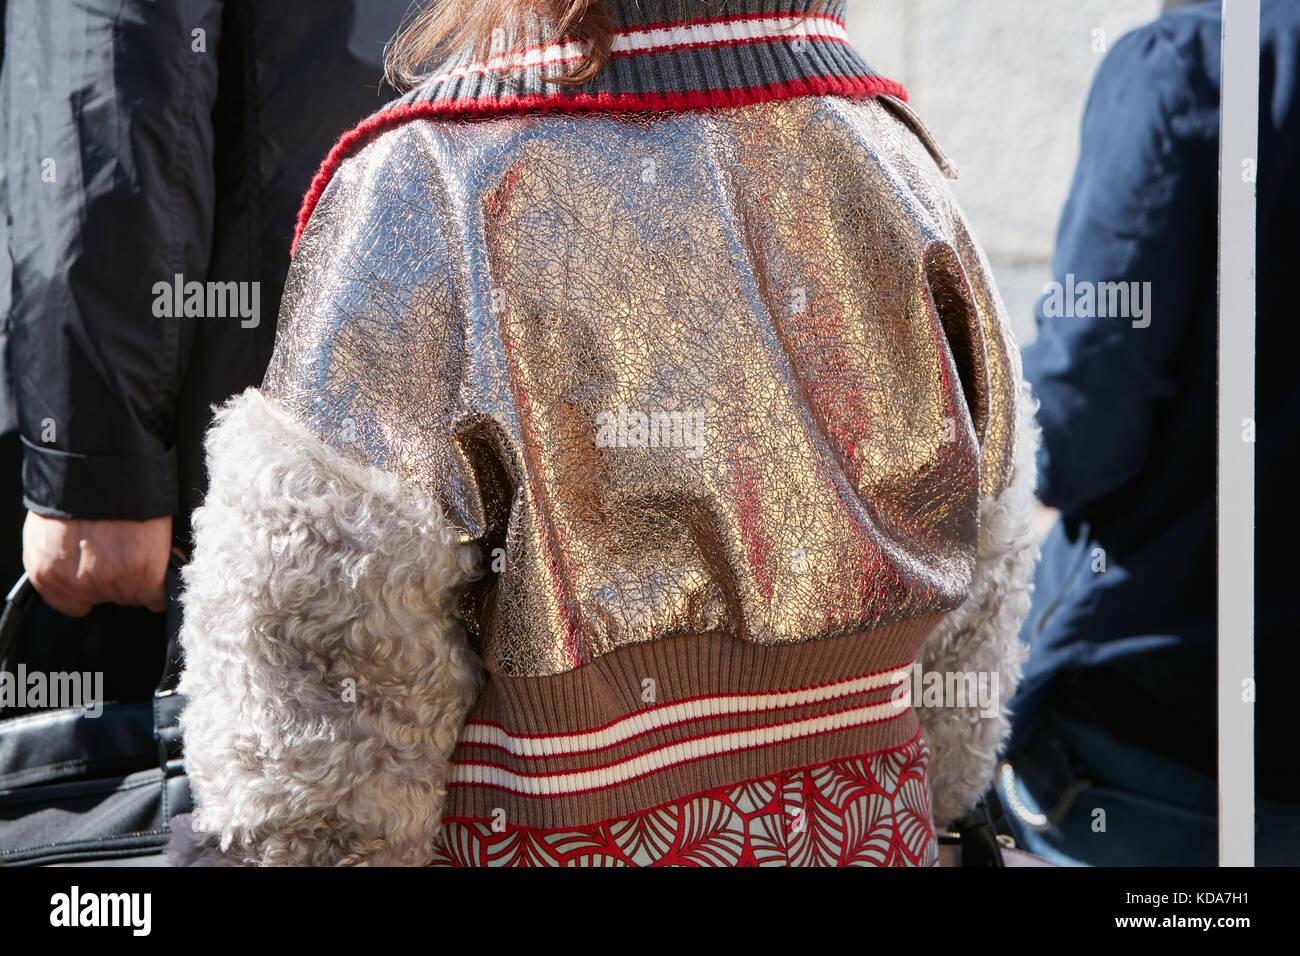 Milano - 20 settembre  donna con bombardiere metallico giacca con maniche  in pelliccia prima di 9e70a8dbfb7